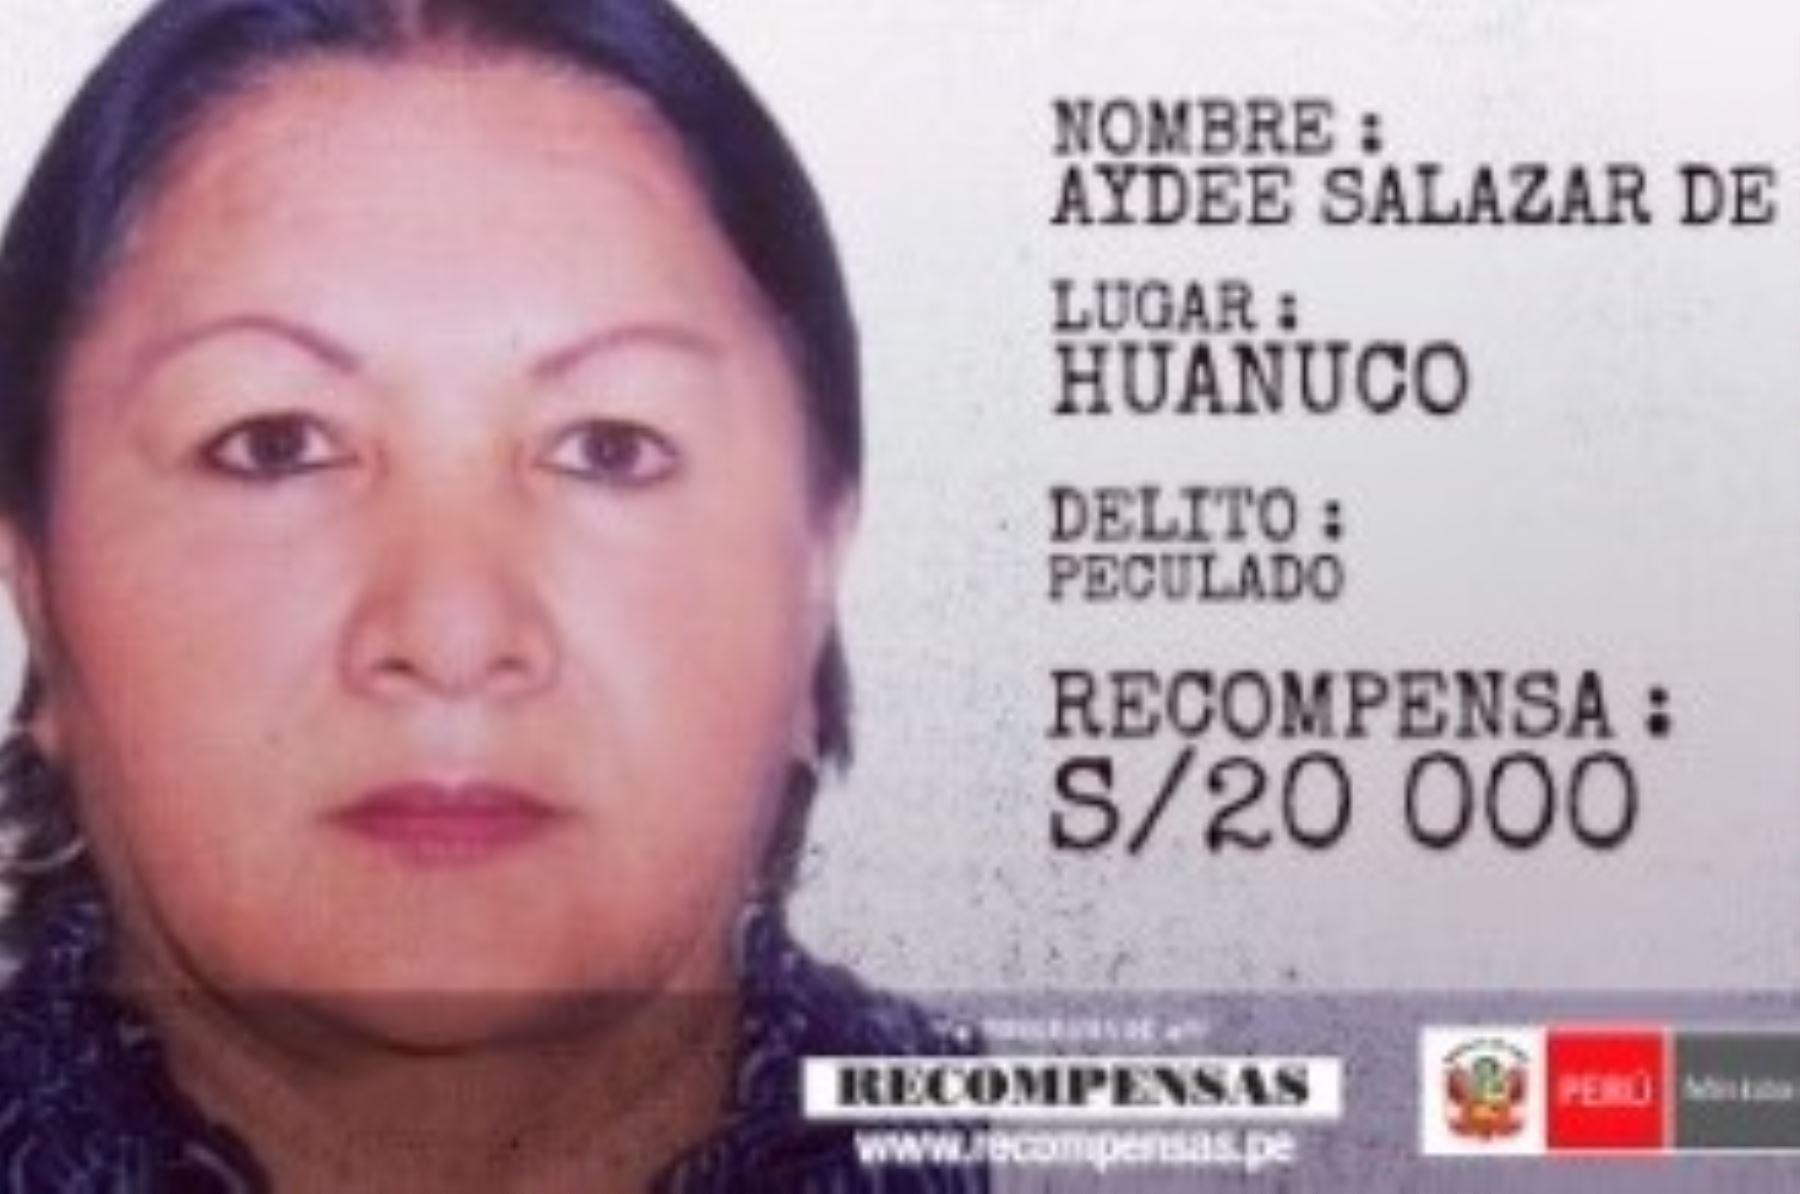 """La Policía Nacional está tras los pasos de 35 requisitoriados, incluidos en el Programa de Recompensas """"Que Ellos se Cuiden"""" del Ministerio del Interior (Mininter), por cometer diferentes delitos en la región Huánuco"""